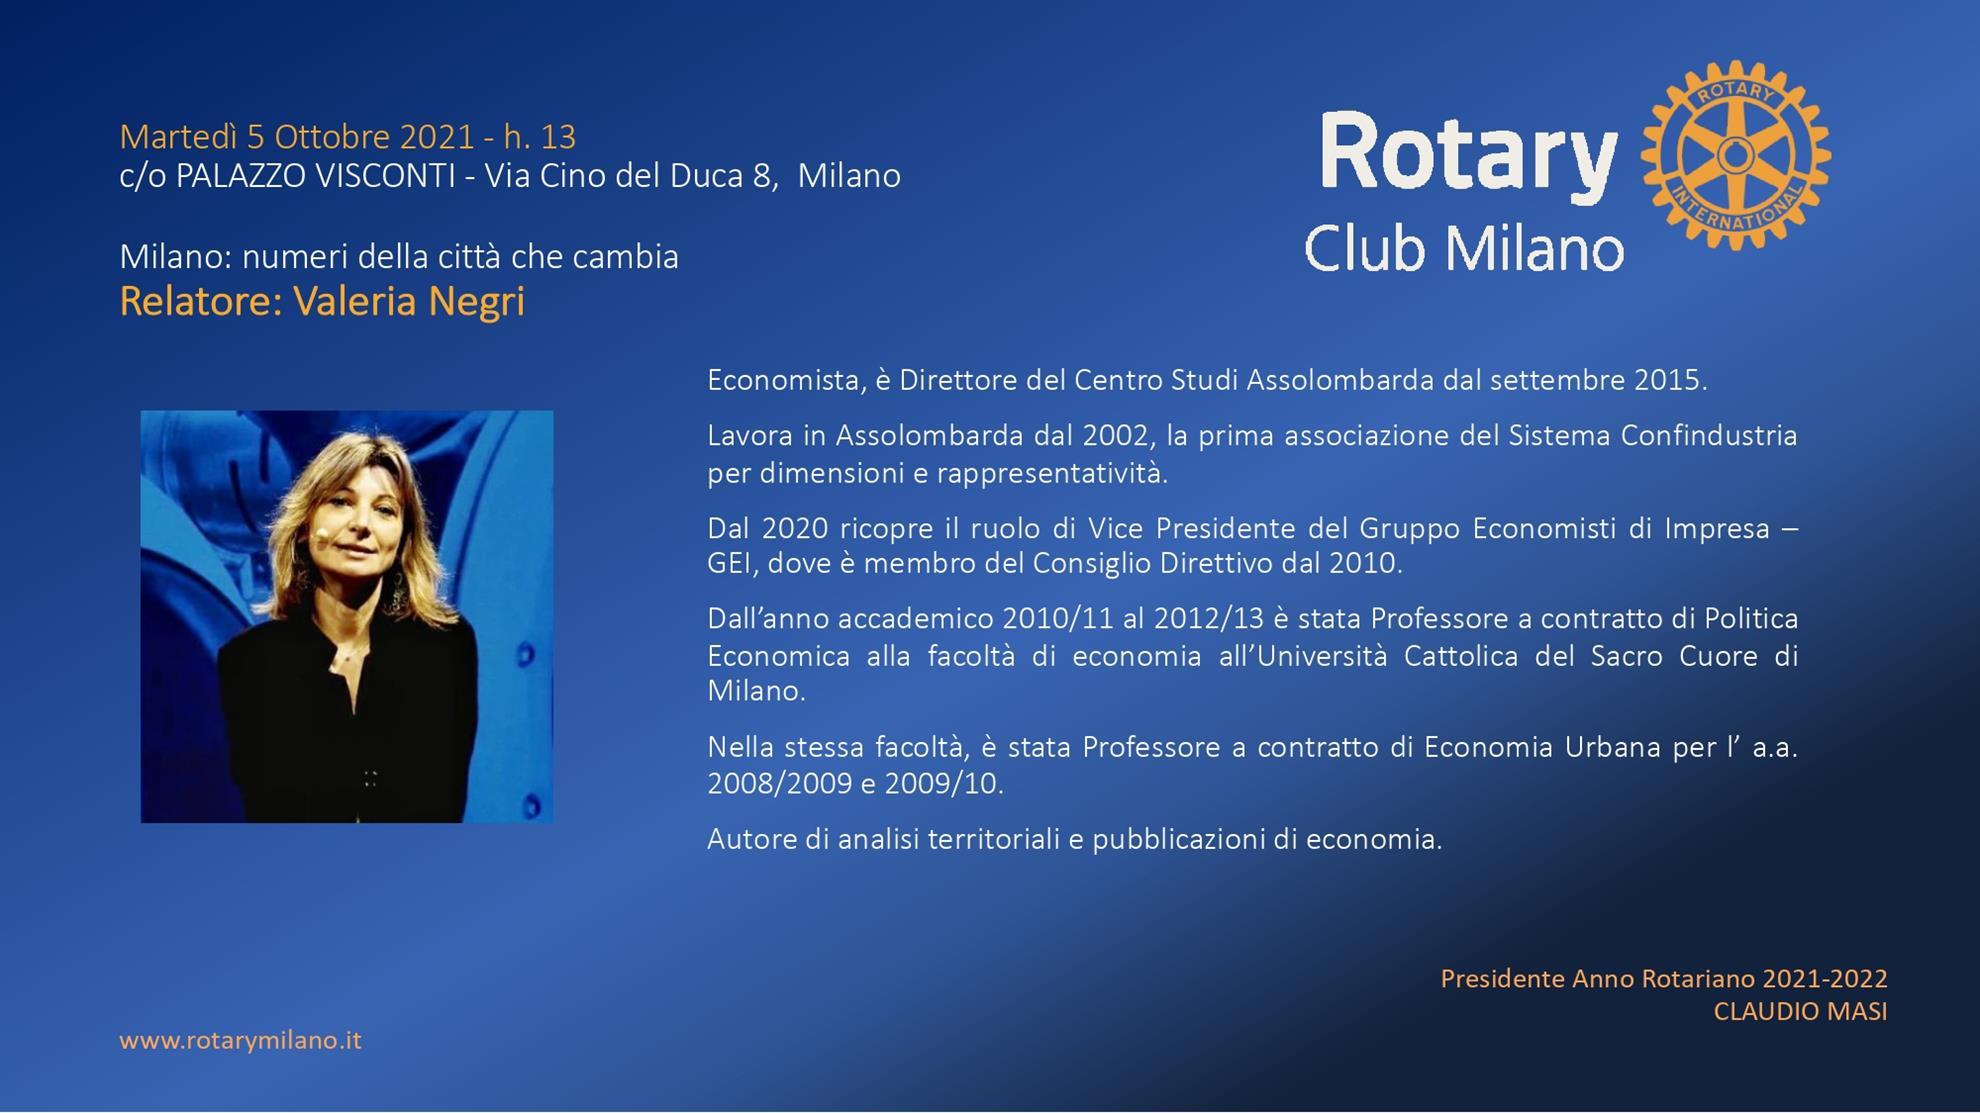 Valeria Negri - Assolombarda - Rotary Club Milano